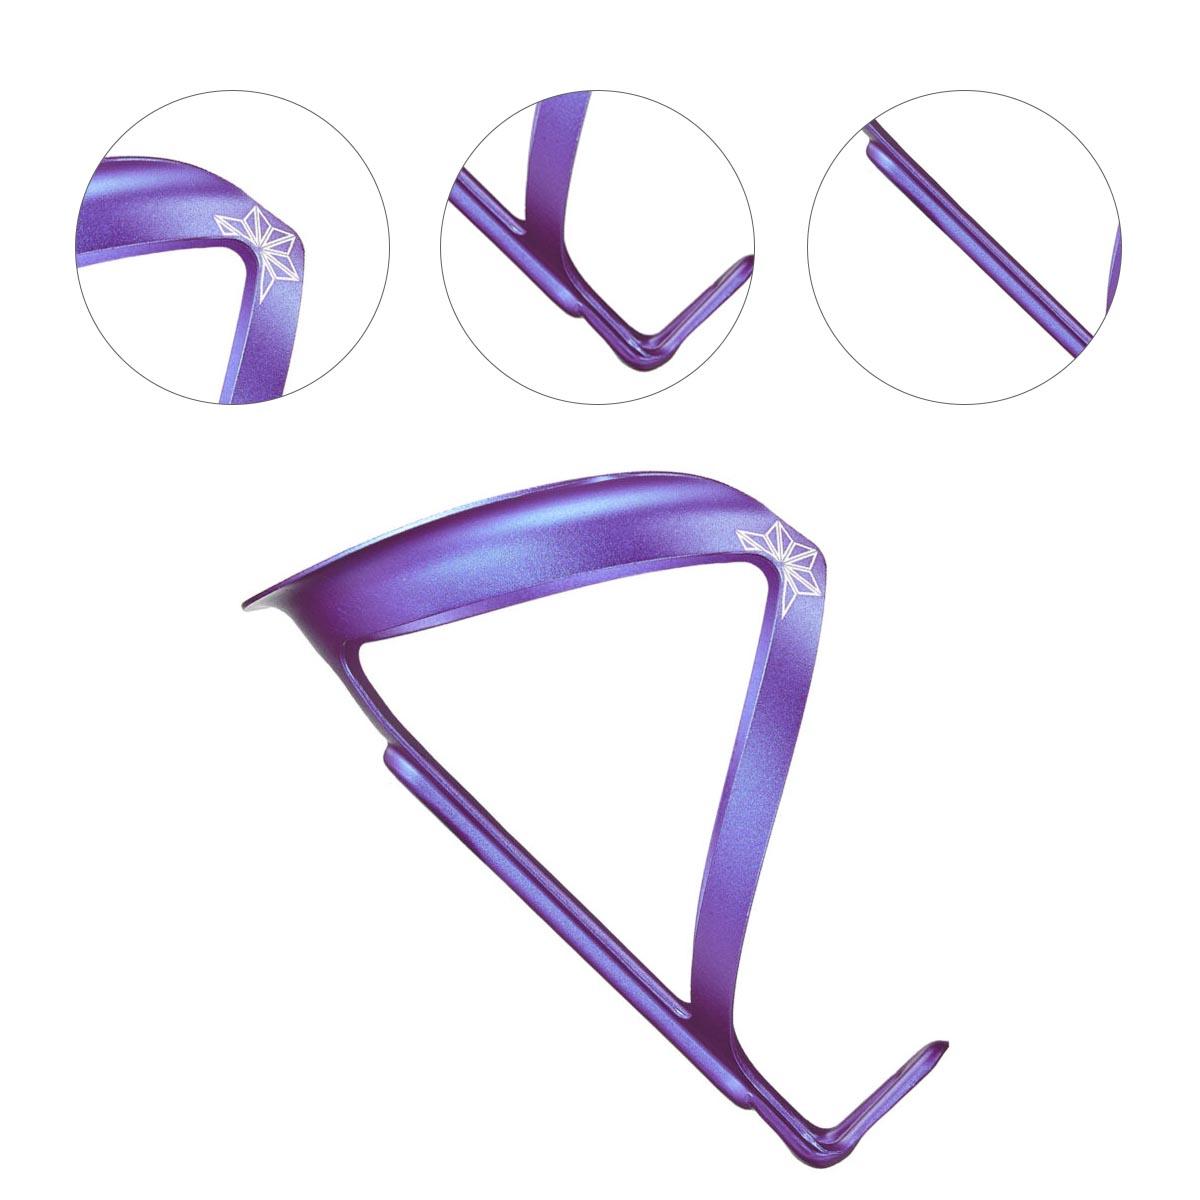 Suporte Caramanhola Supacaz FlyCage Ano Aluminio Roxo Neon